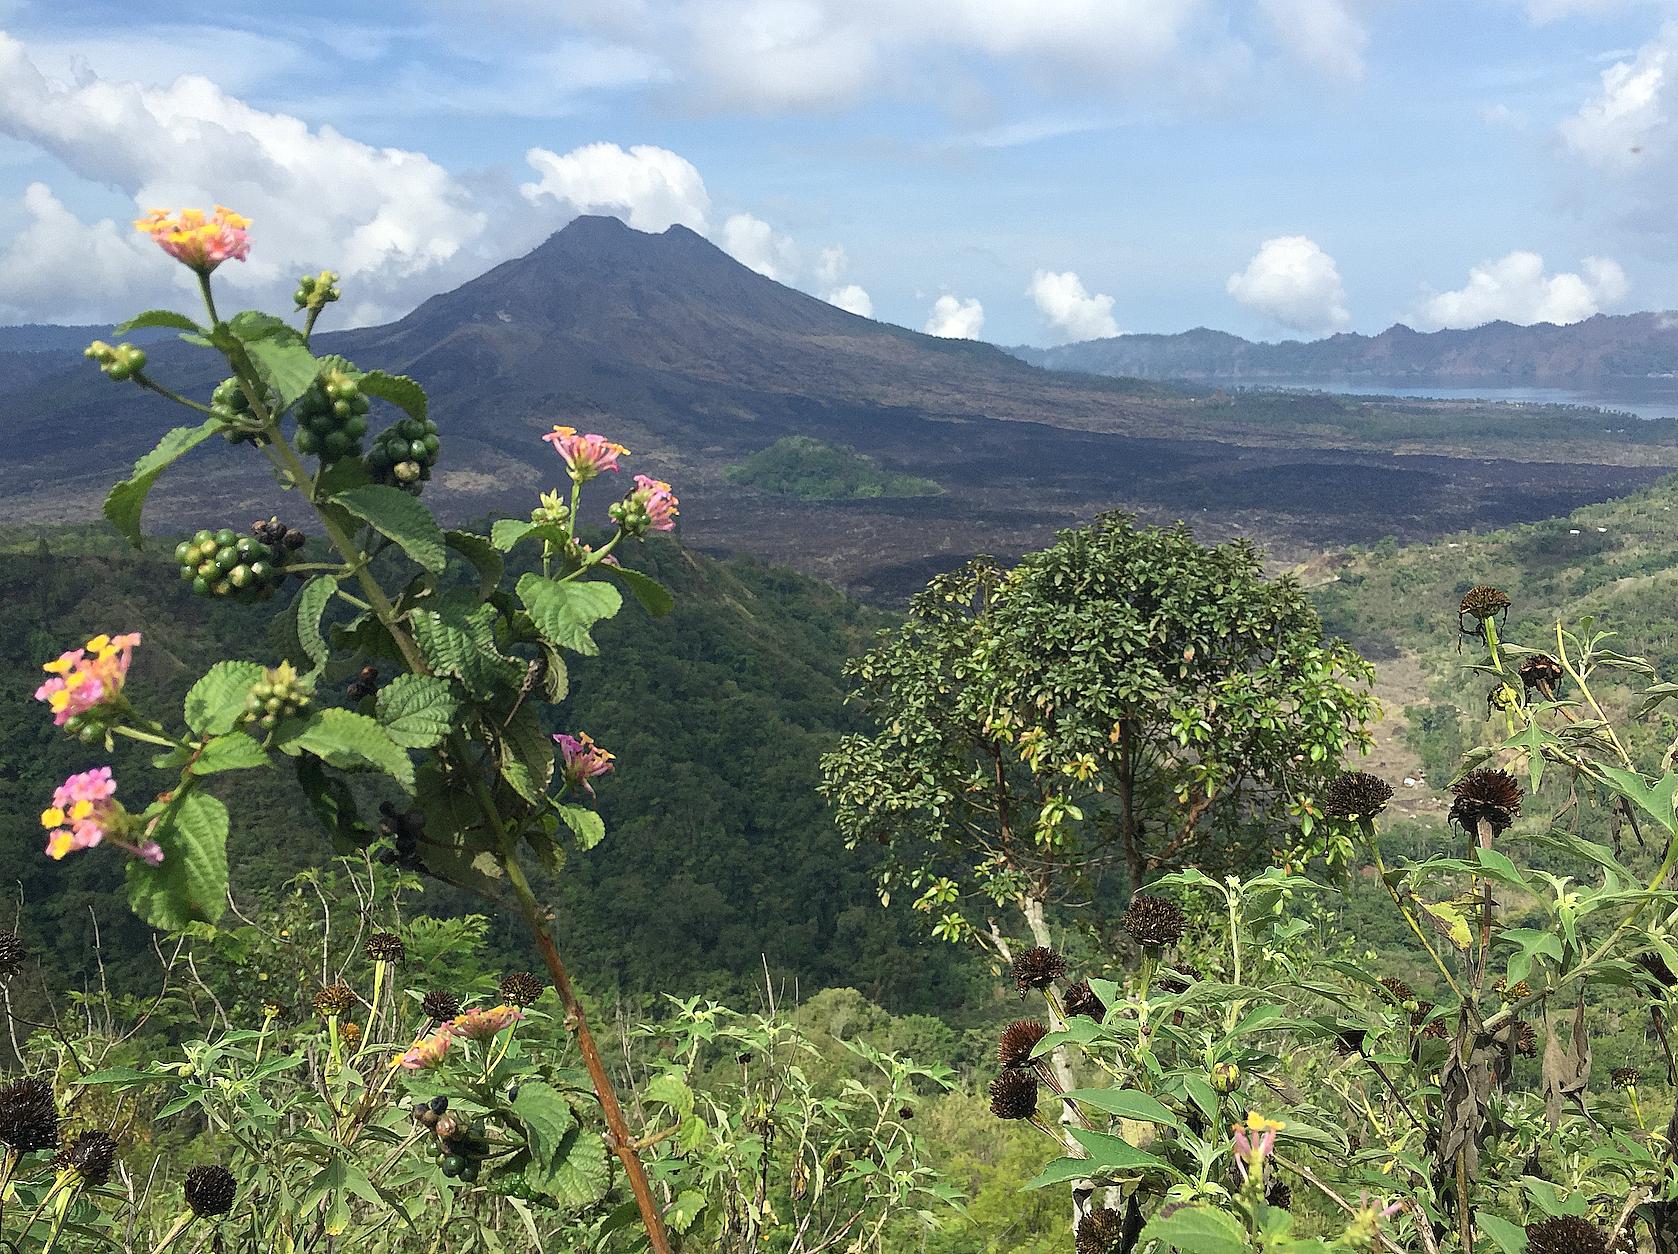 Mt. Batur, med den størknede lavaelven som tok livet en et tusentalls mennesker for ca femti år siden.